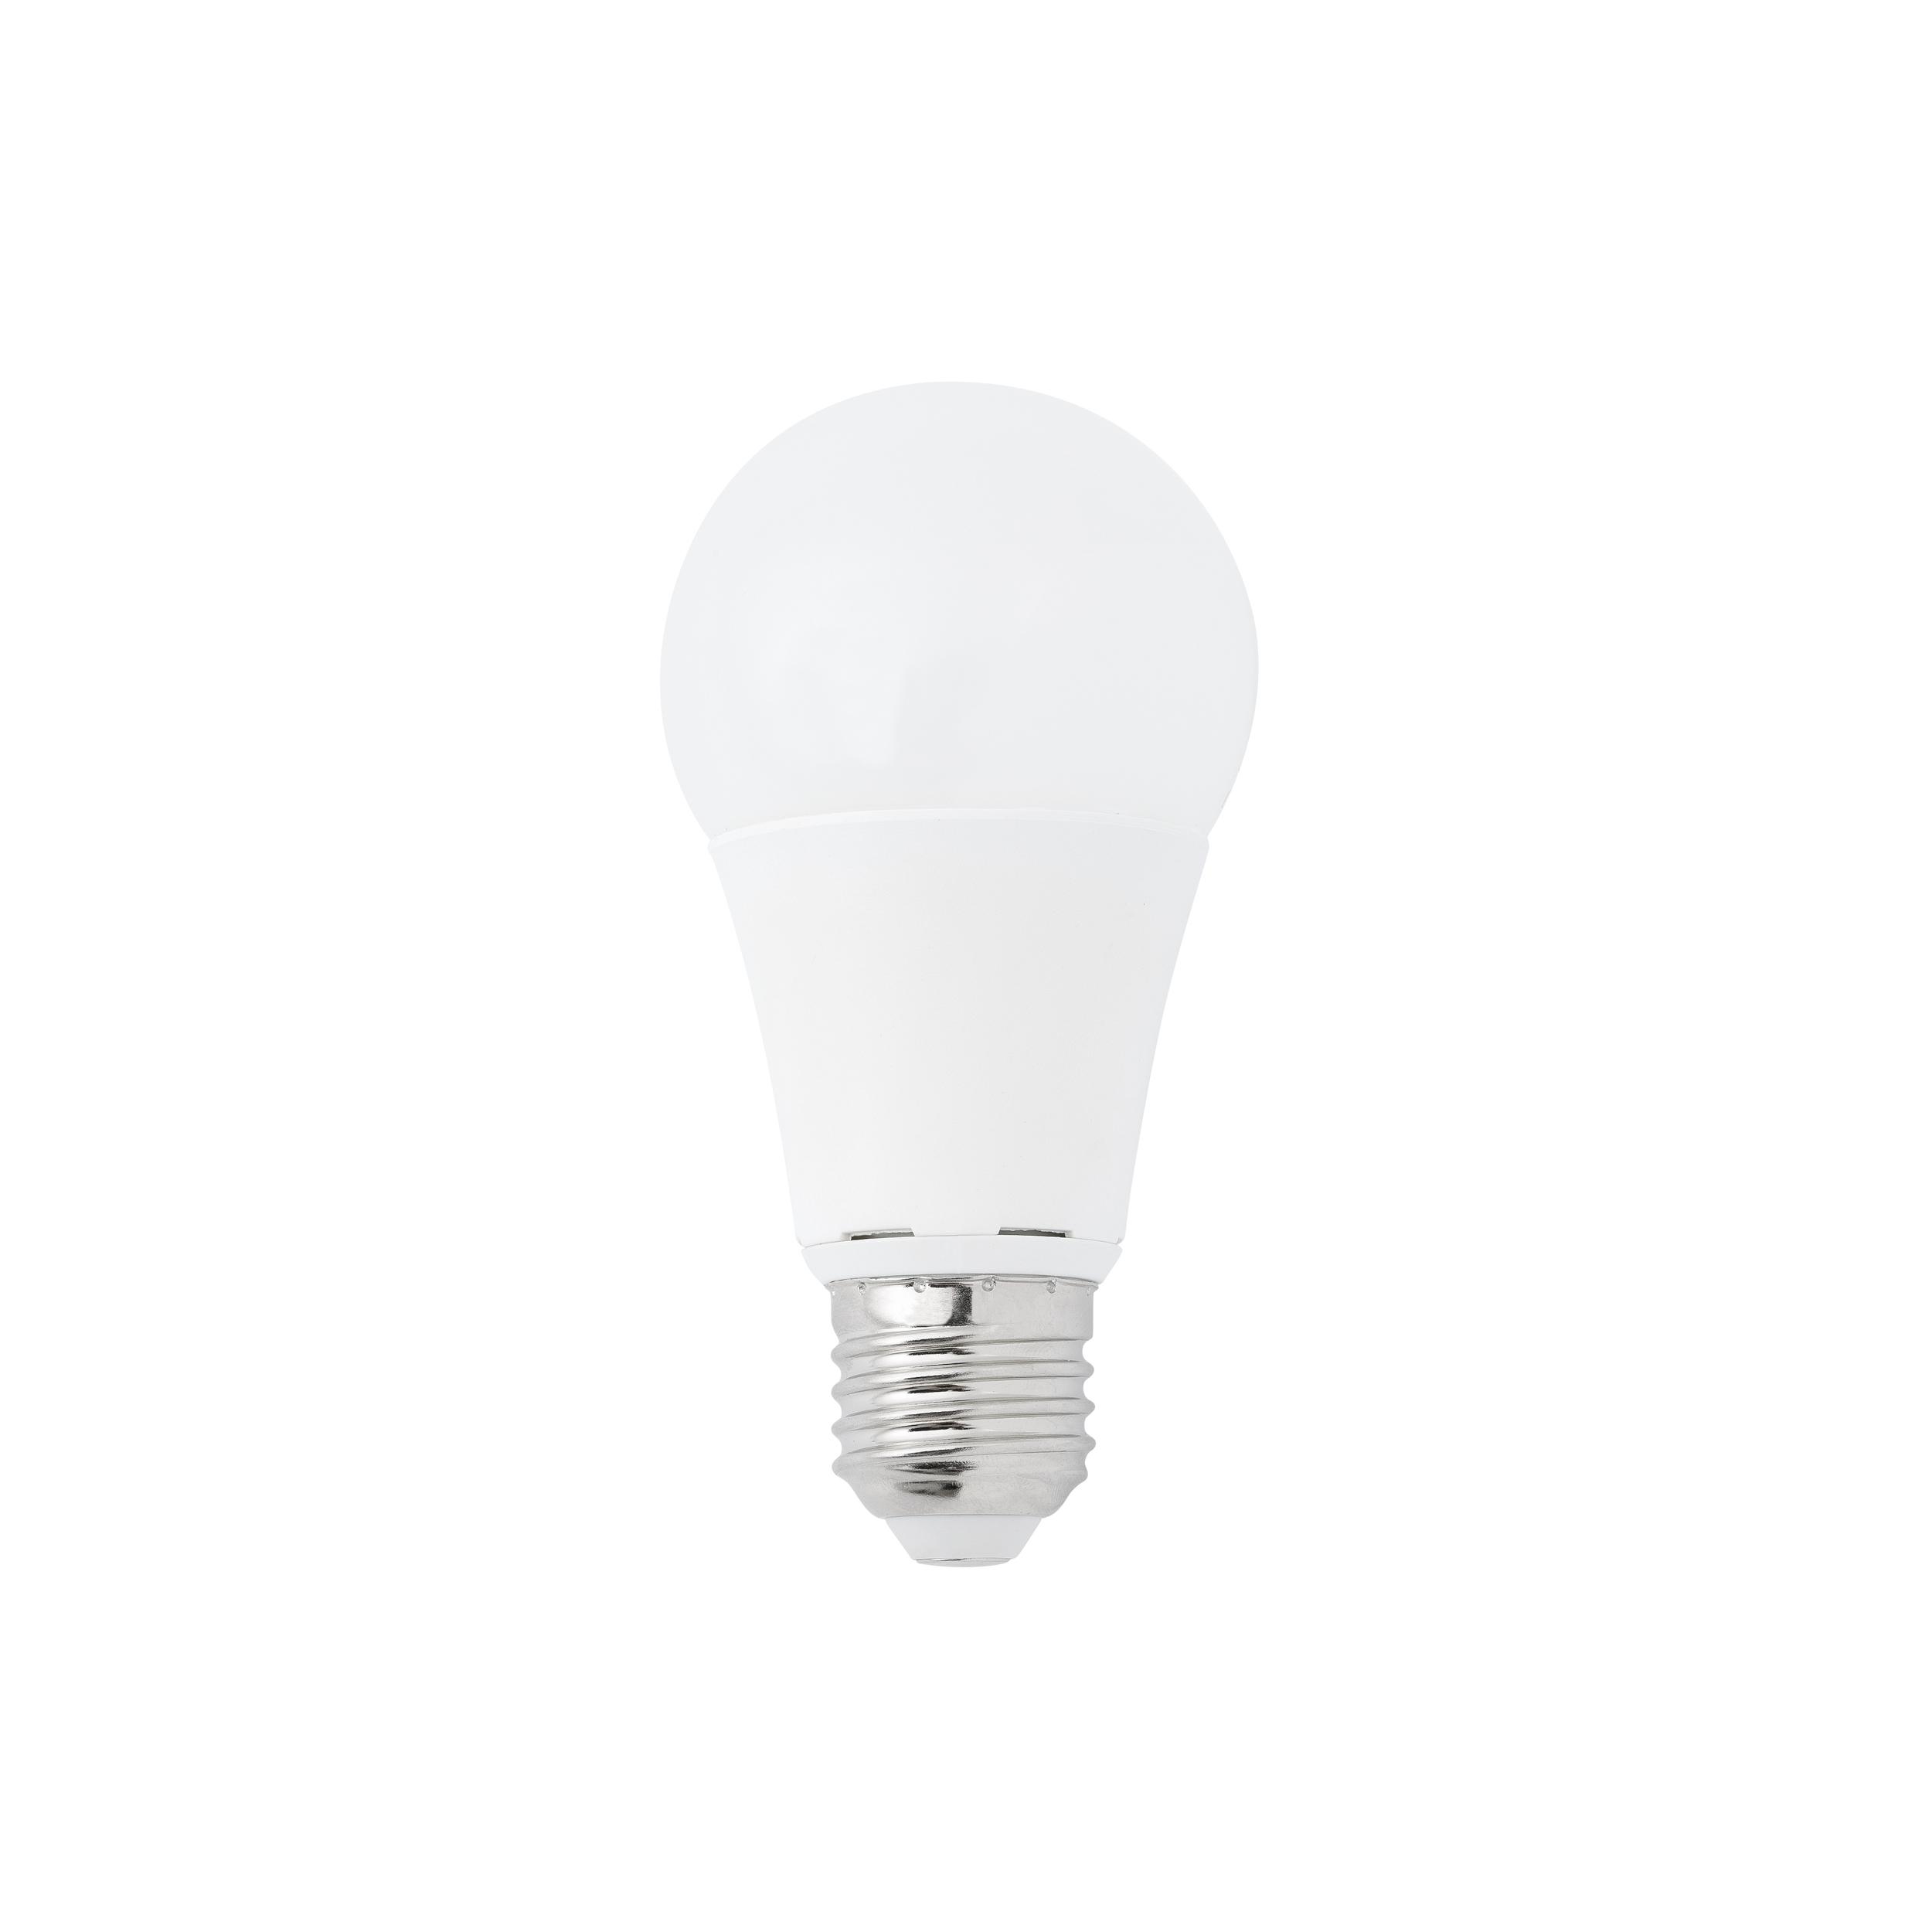 Bulb E27 Mat Led 10w Dimmable 2700k O6cm H12cm Nedgis Lighting